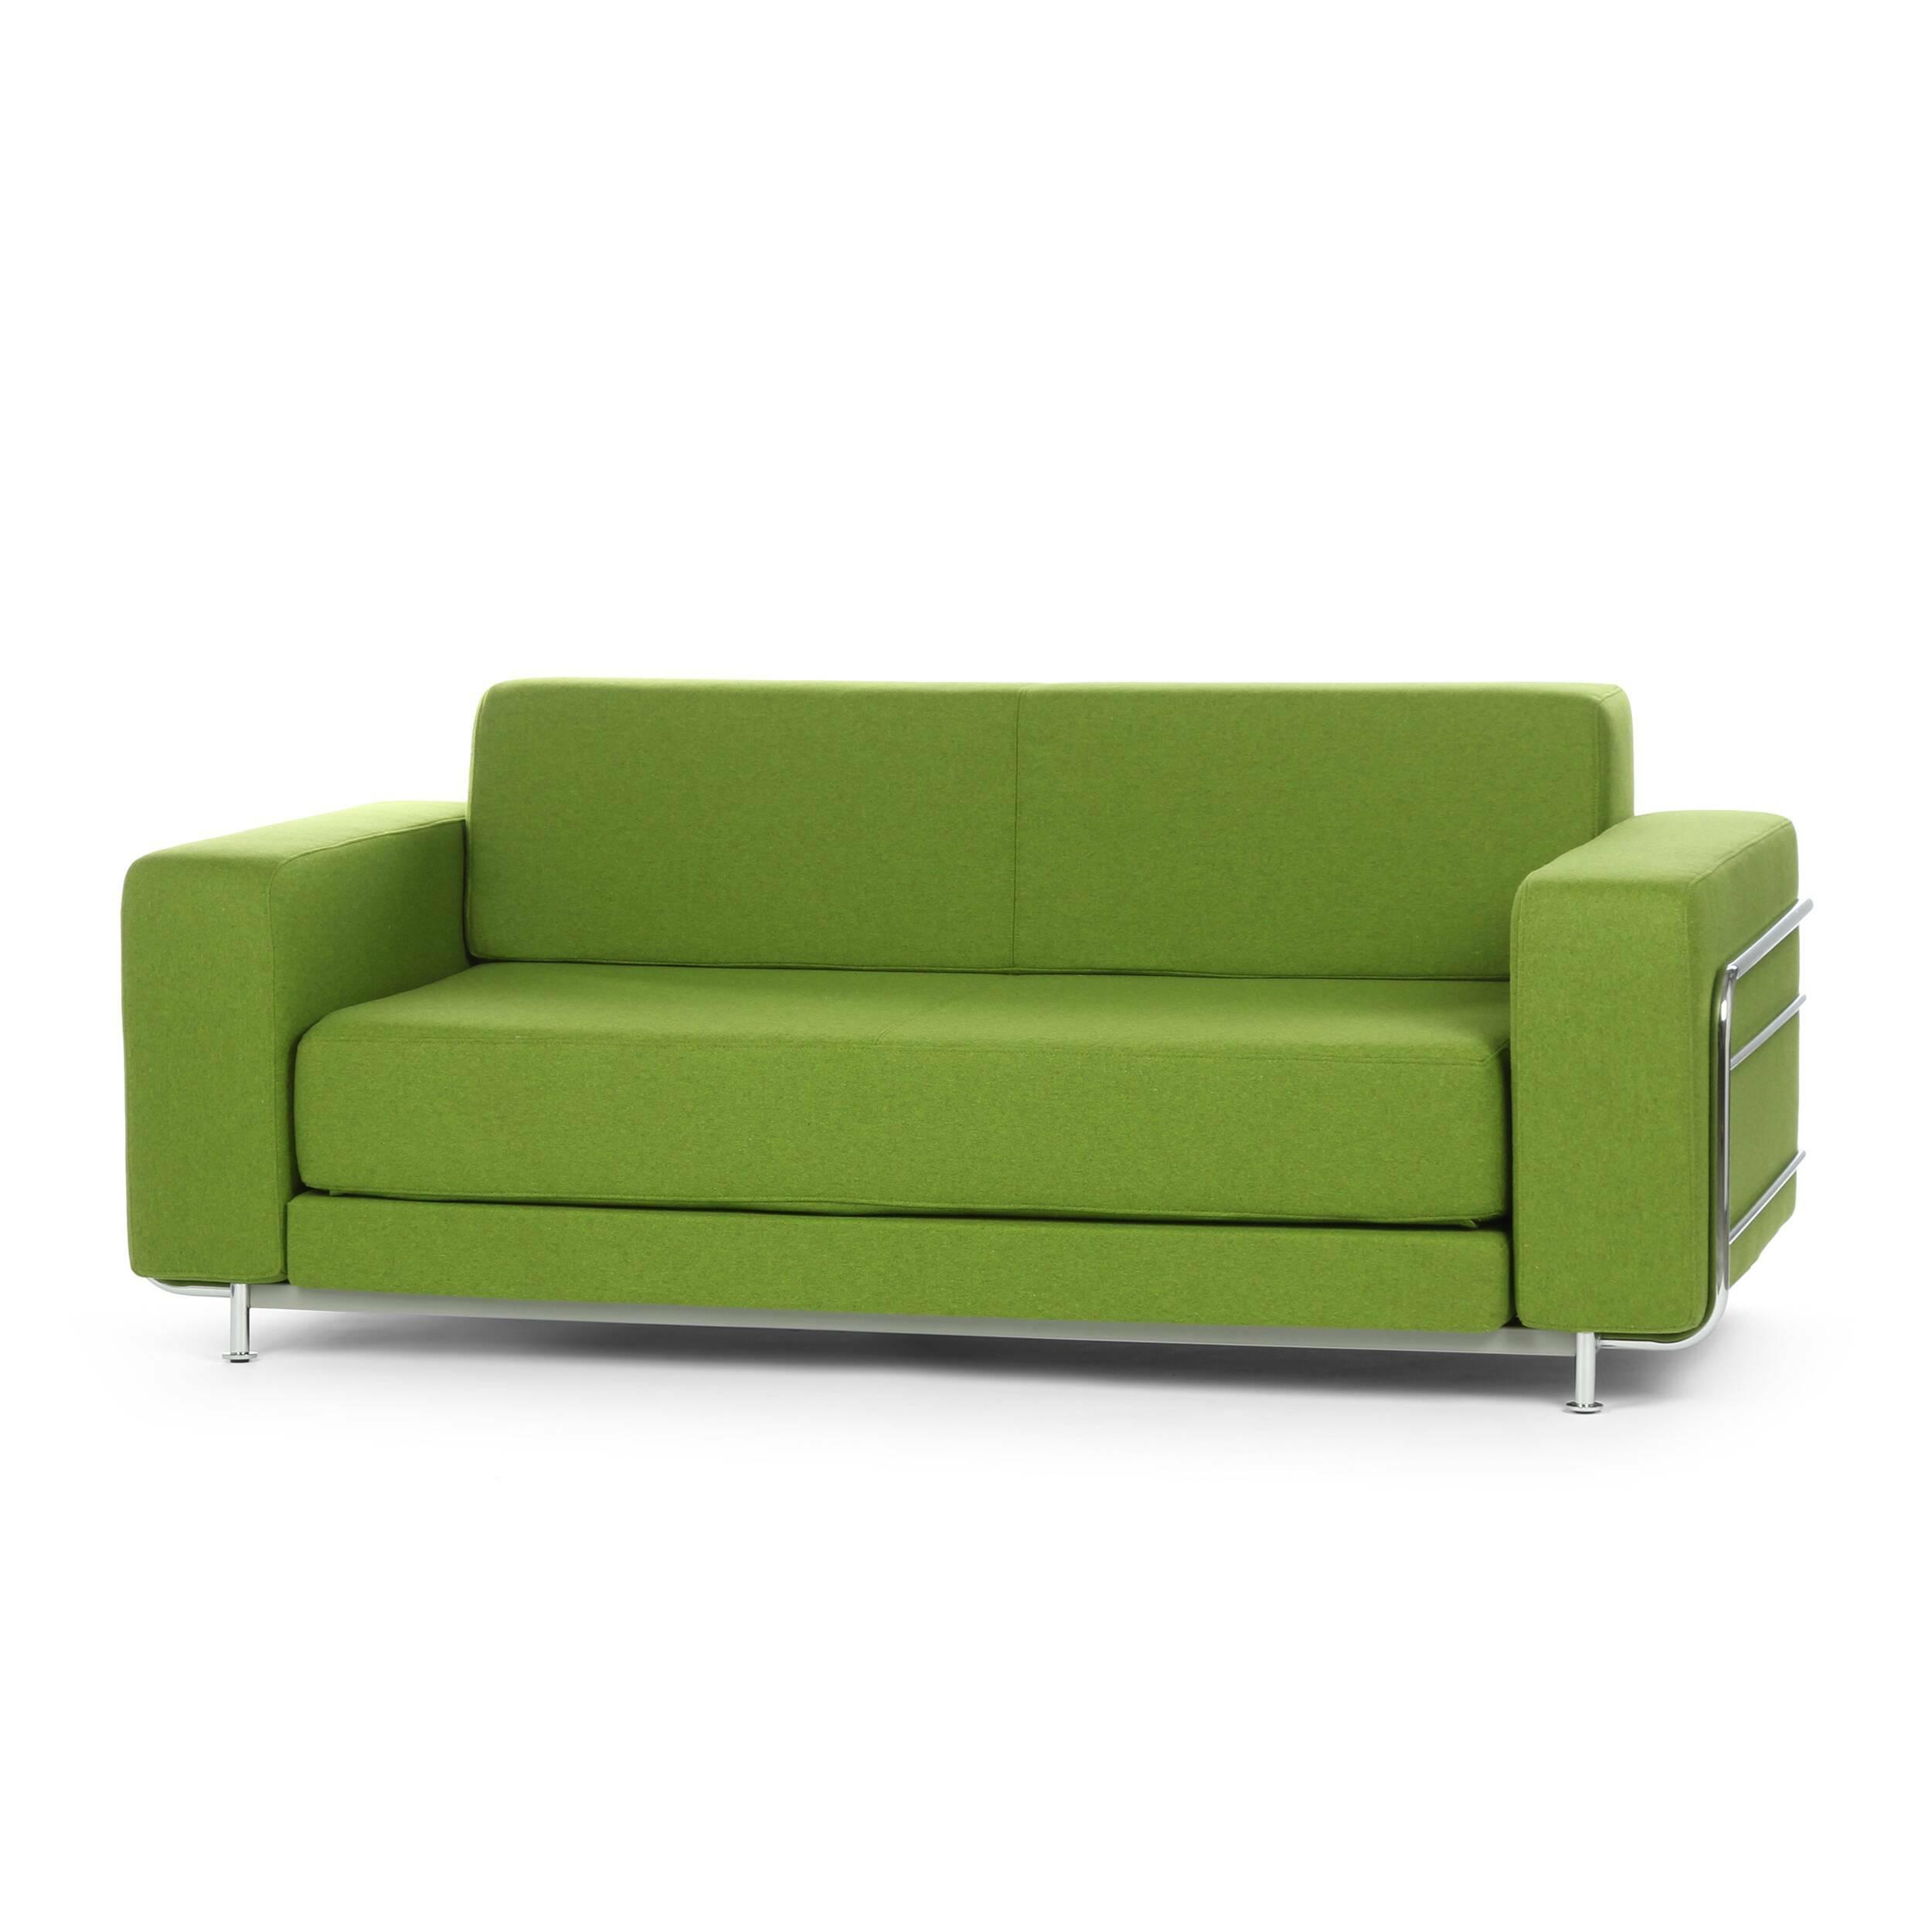 Диван SilverРаскладные<br>Дизайнерский диван Silver (Сильвер) из шерсти, полиамида и со стальным каркасом от Softline (Софтлайн).<br><br> Диван Silver — это аккуратный, элегантный и минималистичный диван, работа Стине Энгельбрехтсен, известного датского дизайнера мебели, которая разработала большую коллекцию модульных диванов и серию мягкой мебели. Стине с детства увлекалась живописью и потому поступила в датскую Школу дизайна по специальности промышленный дизайн. С 2000 года Стине Энгельбрехтсен работает в качестве незав...<br><br>stock: 0<br>Высота: 73<br>Высота сиденья: 38<br>Глубина: 86<br>Длина: 183<br>Материал обивки: Шерсть, Полиамид<br>Тип материала каркаса: Сталь<br>Коллекция ткани: Felt<br>Тип материала обивки: Ткань<br>Размер спального места (см): 196x140<br>Цвет обивки: Зеленый<br>Цвет каркаса: Белый